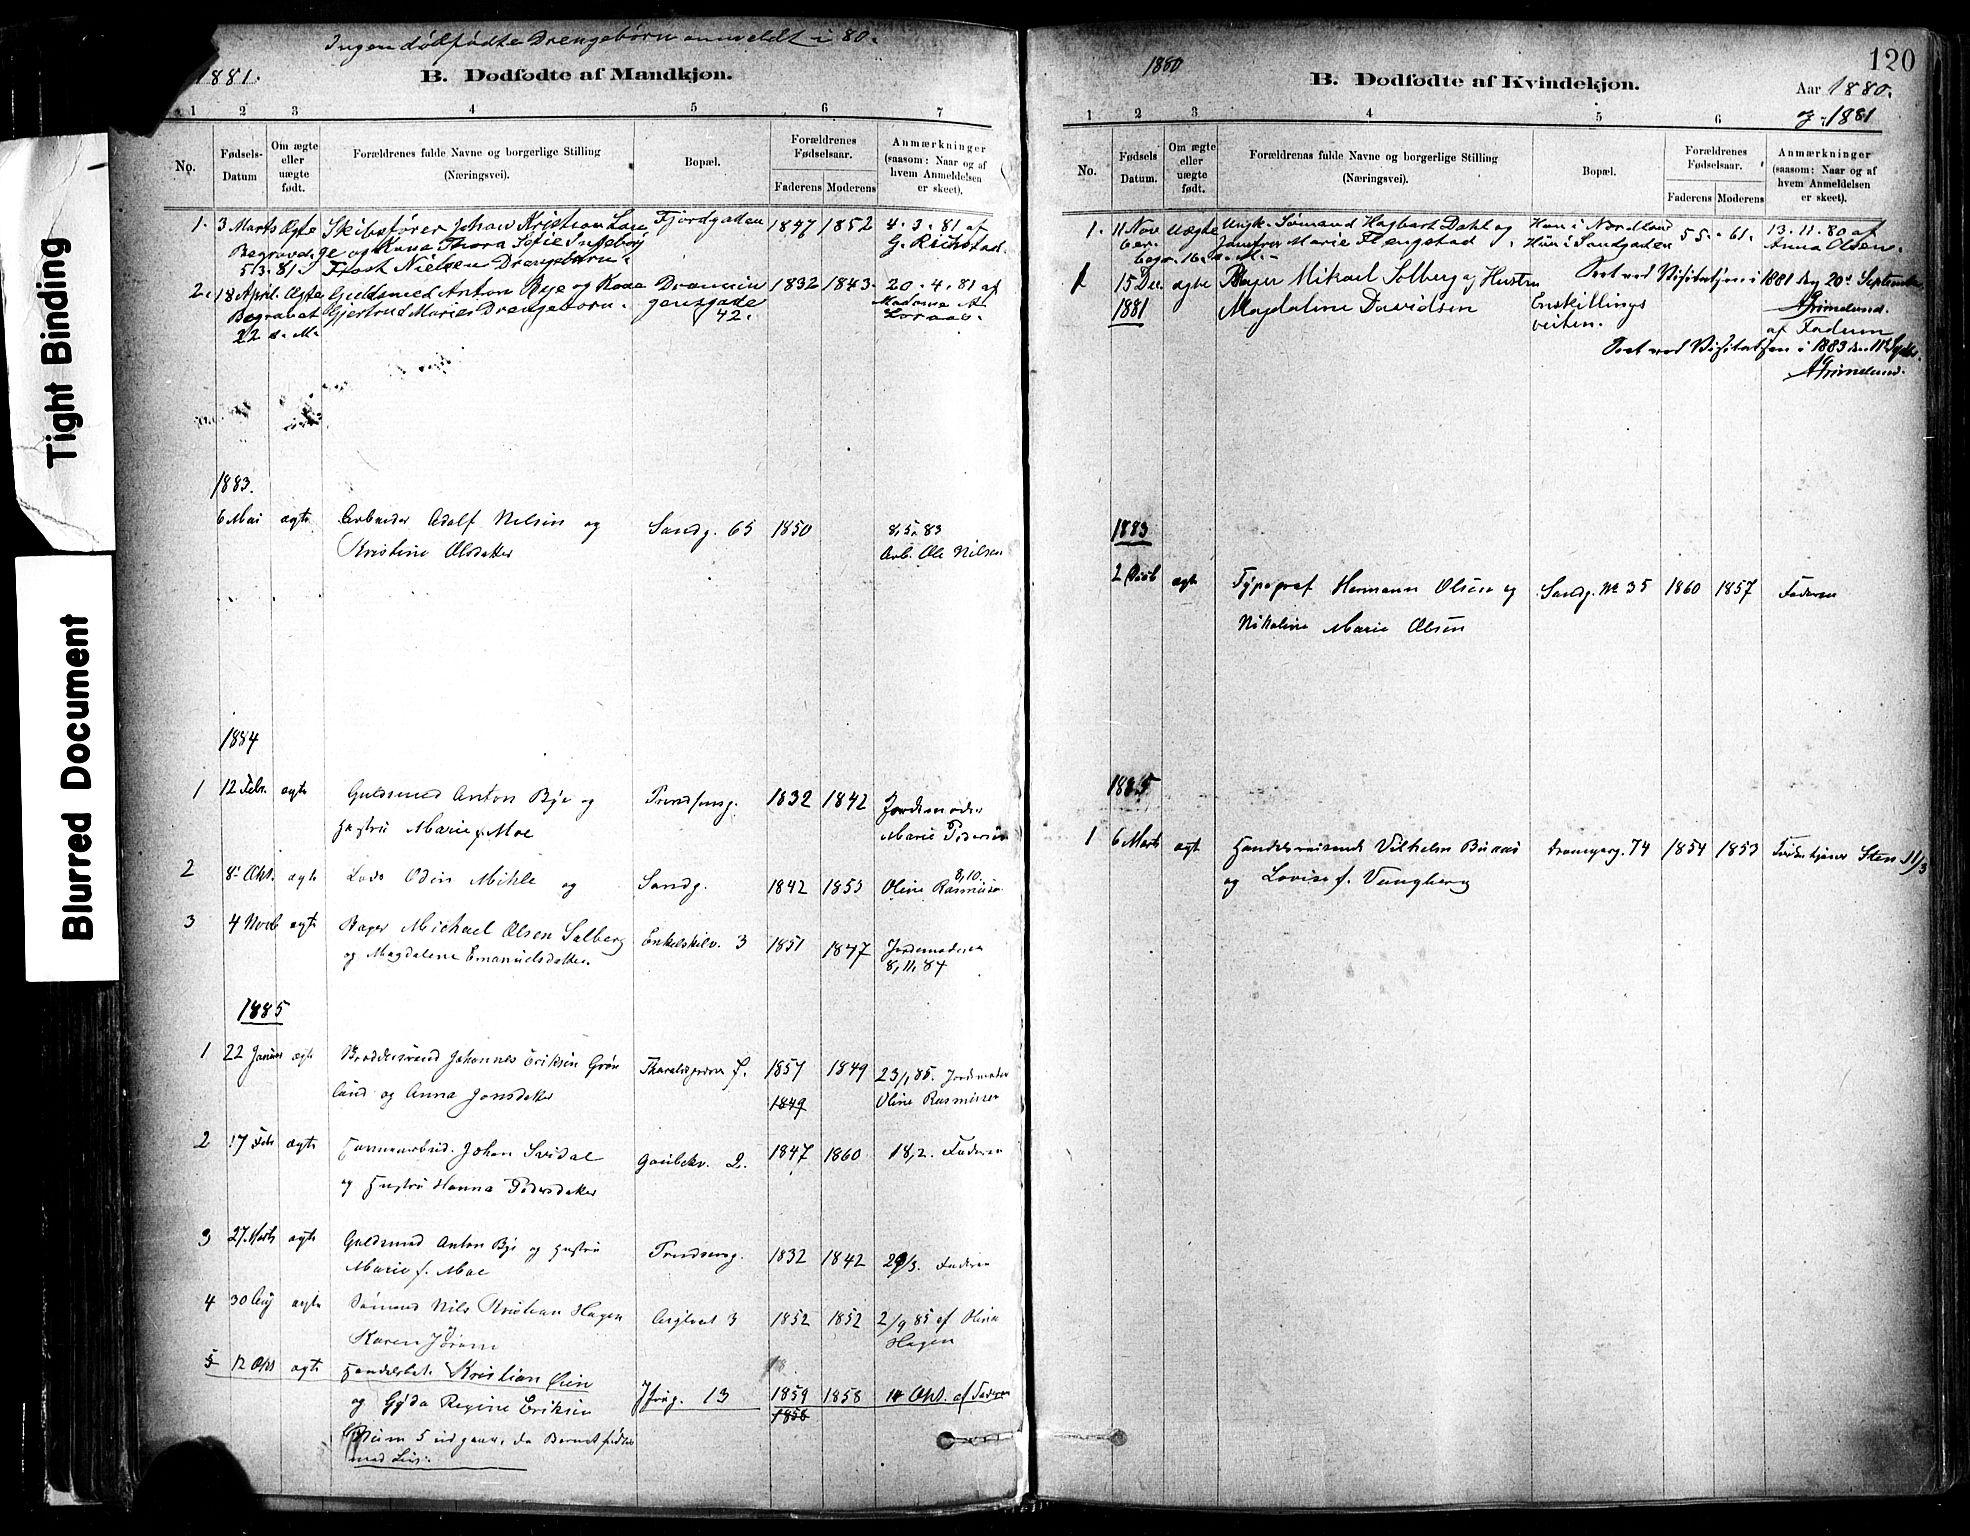 SAT, Ministerialprotokoller, klokkerbøker og fødselsregistre - Sør-Trøndelag, 602/L0119: Ministerialbok nr. 602A17, 1880-1901, s. 120